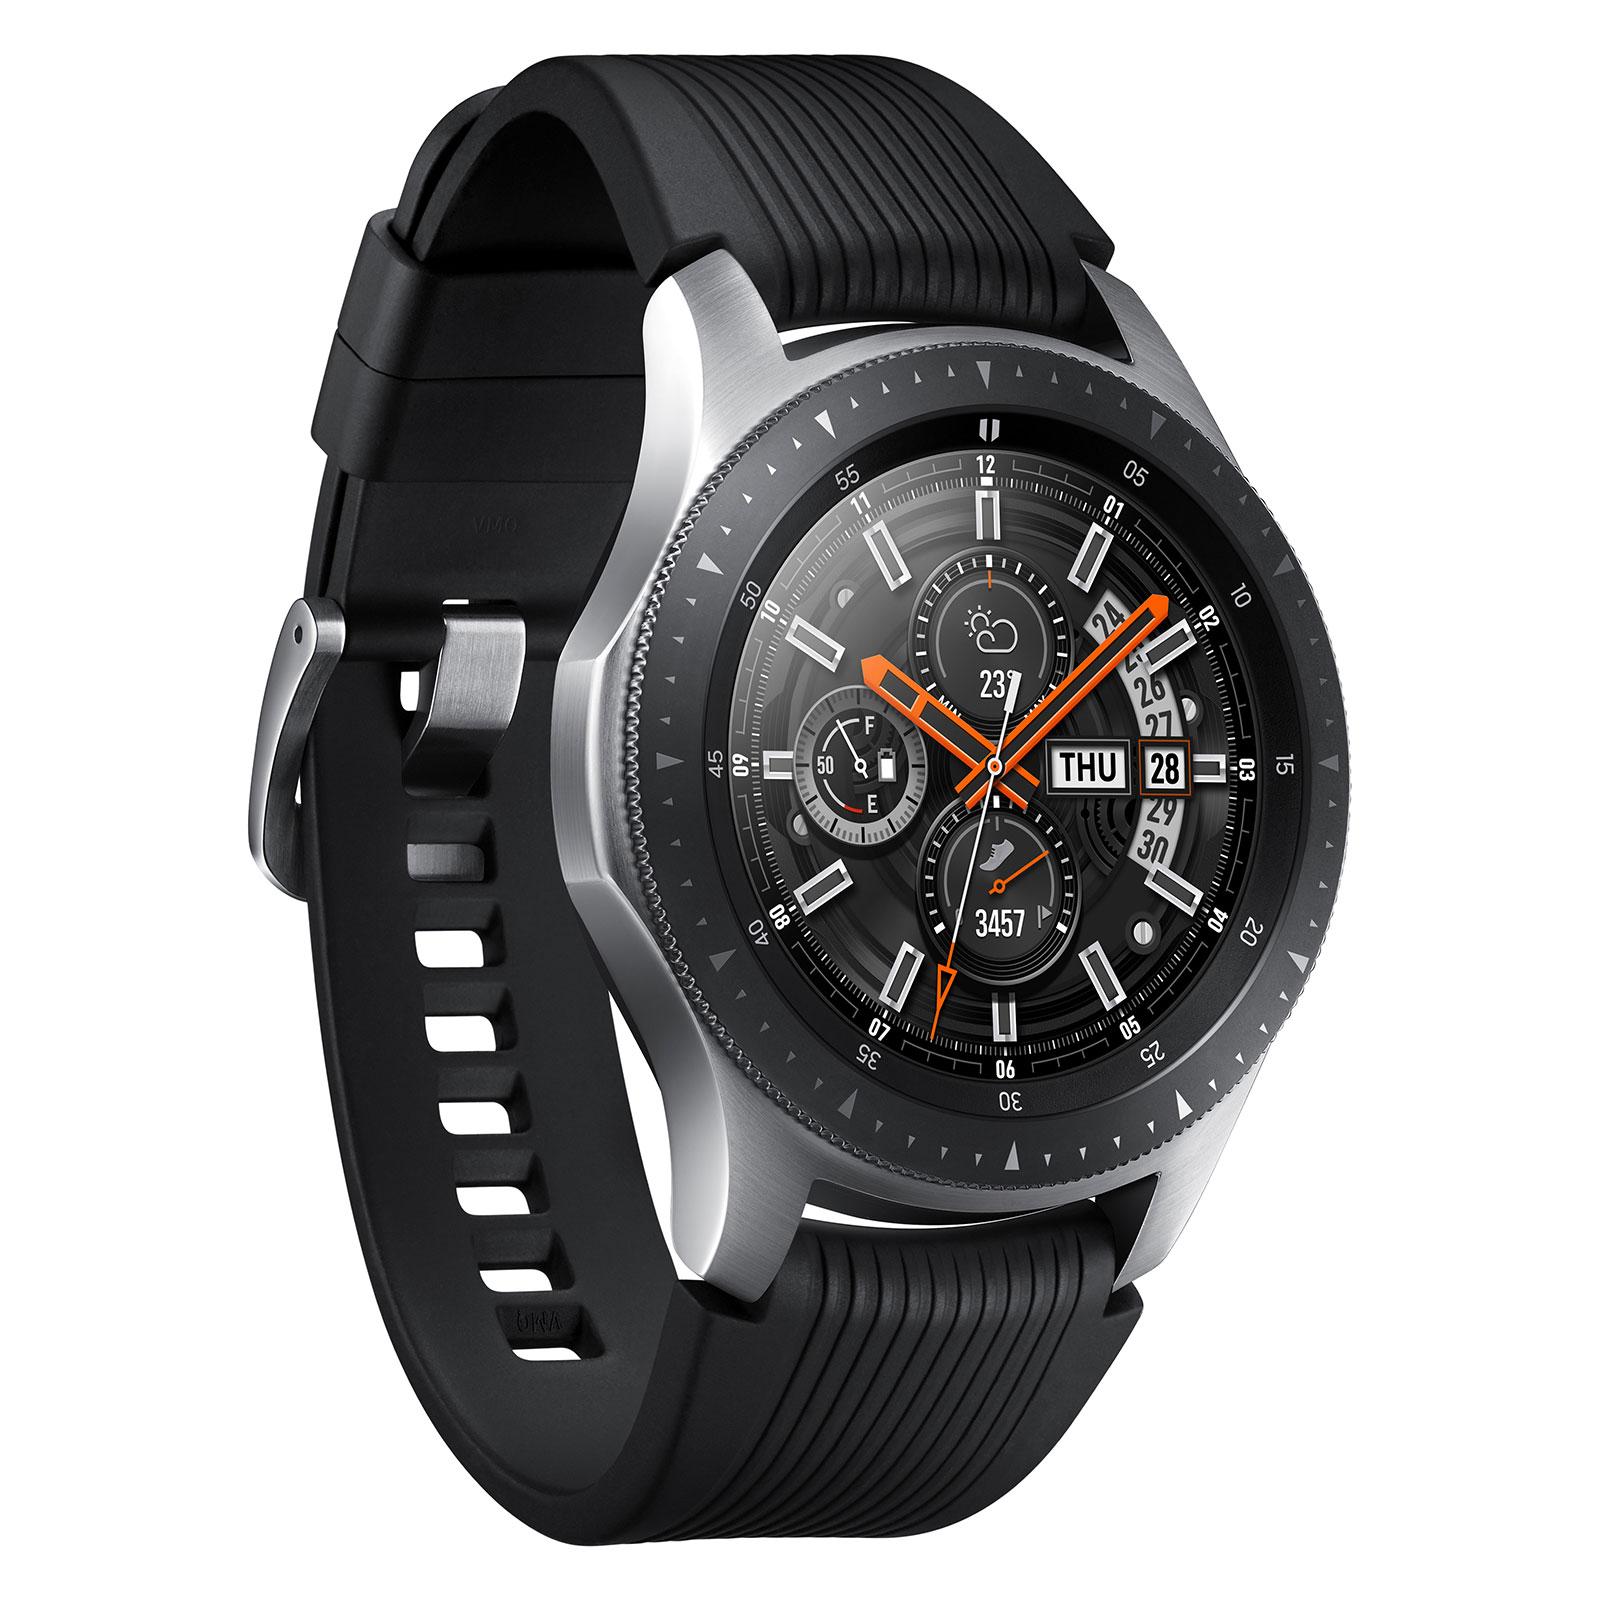 """Montre connectée Samsung Galaxy Watch Gris Acier Montre connectée certifiée IP68 avec écran Super AMOLED 1.3"""", Wi-Fi, NFC et Bluetooth 4.2 sous Tizen 4.0"""